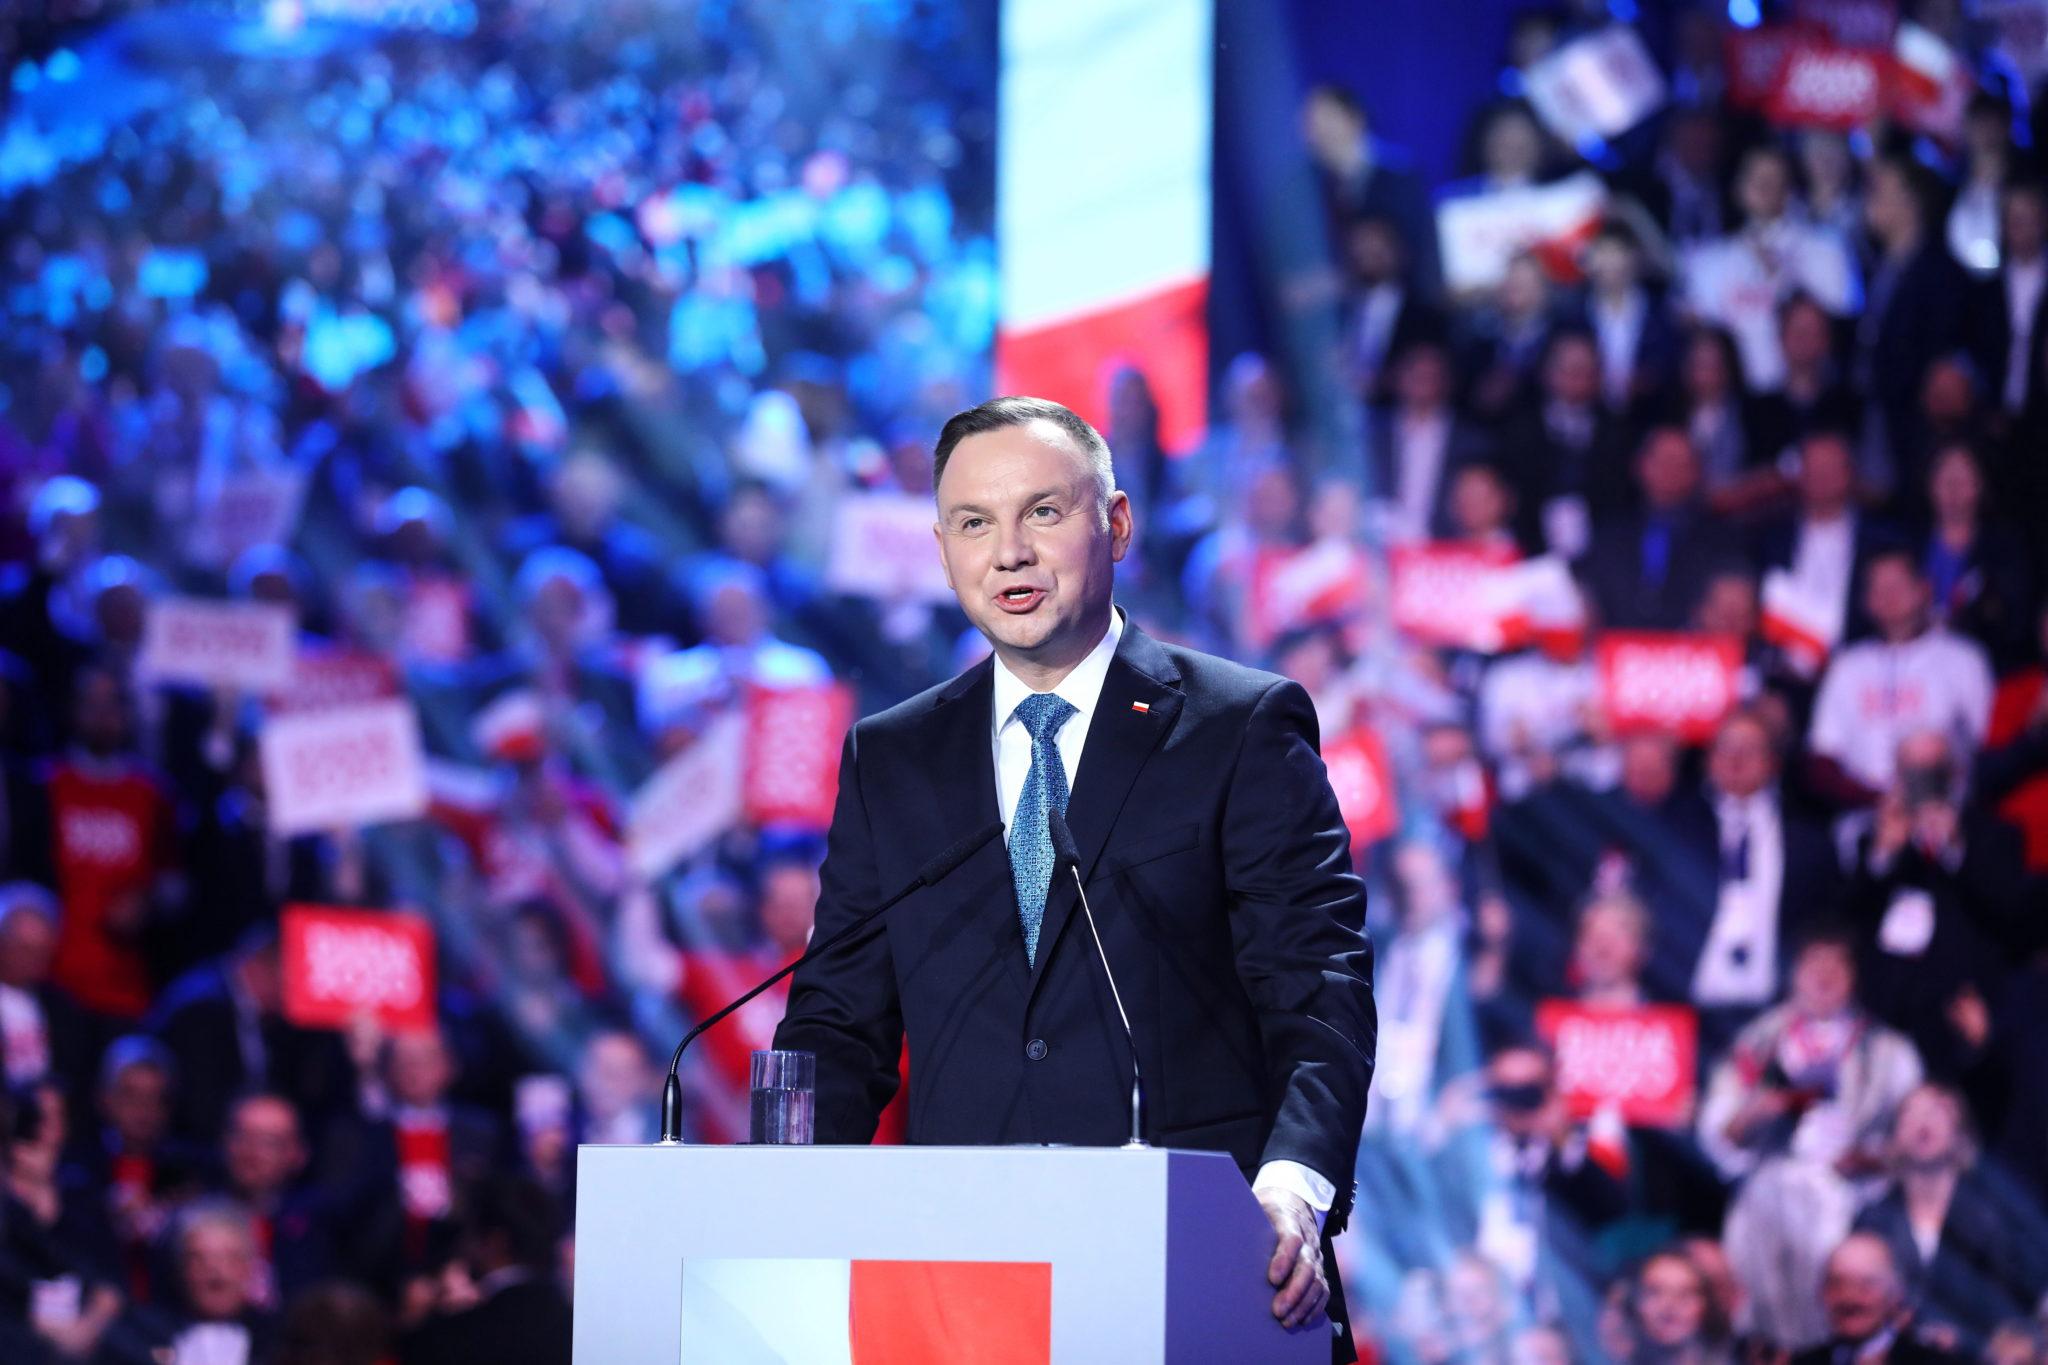 Prezydent Andrzej Duda podczas konwencji PiS, na której została zainaugurowana jego kampania wyborcza. fot. PAP/Rafał Guz